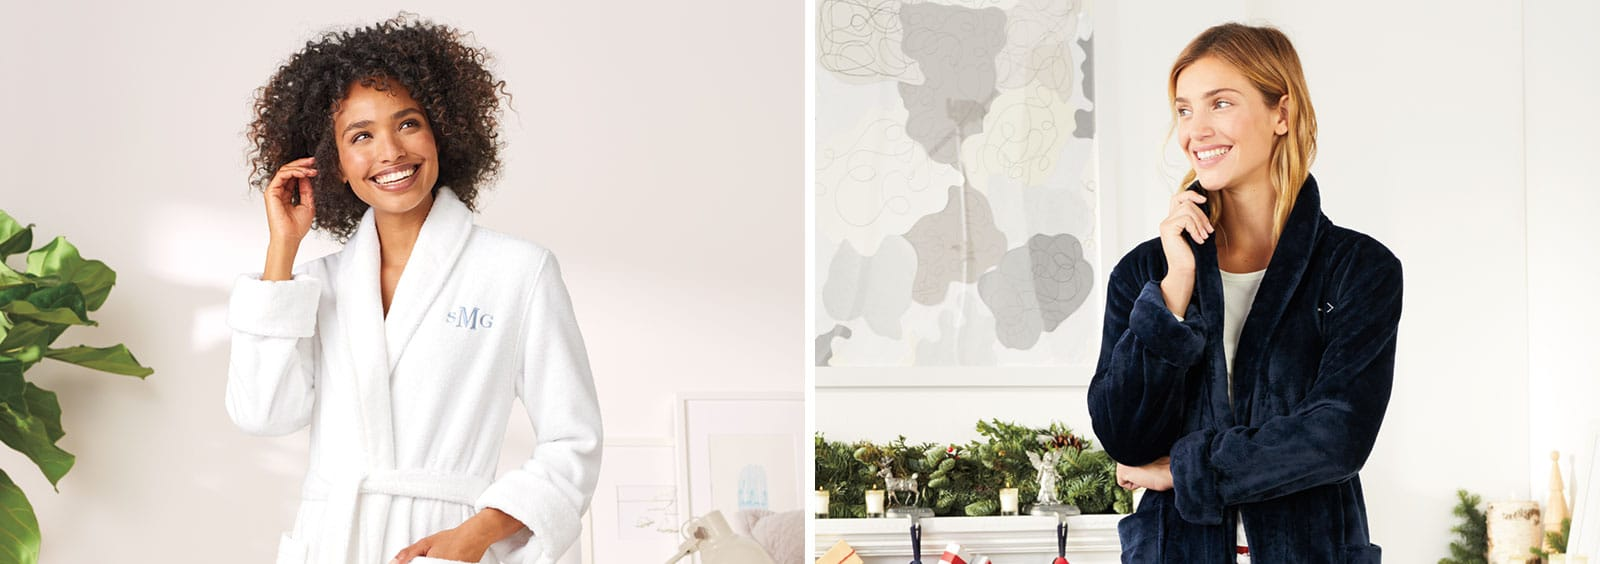 Fleece vs. Terry Cloth Robes